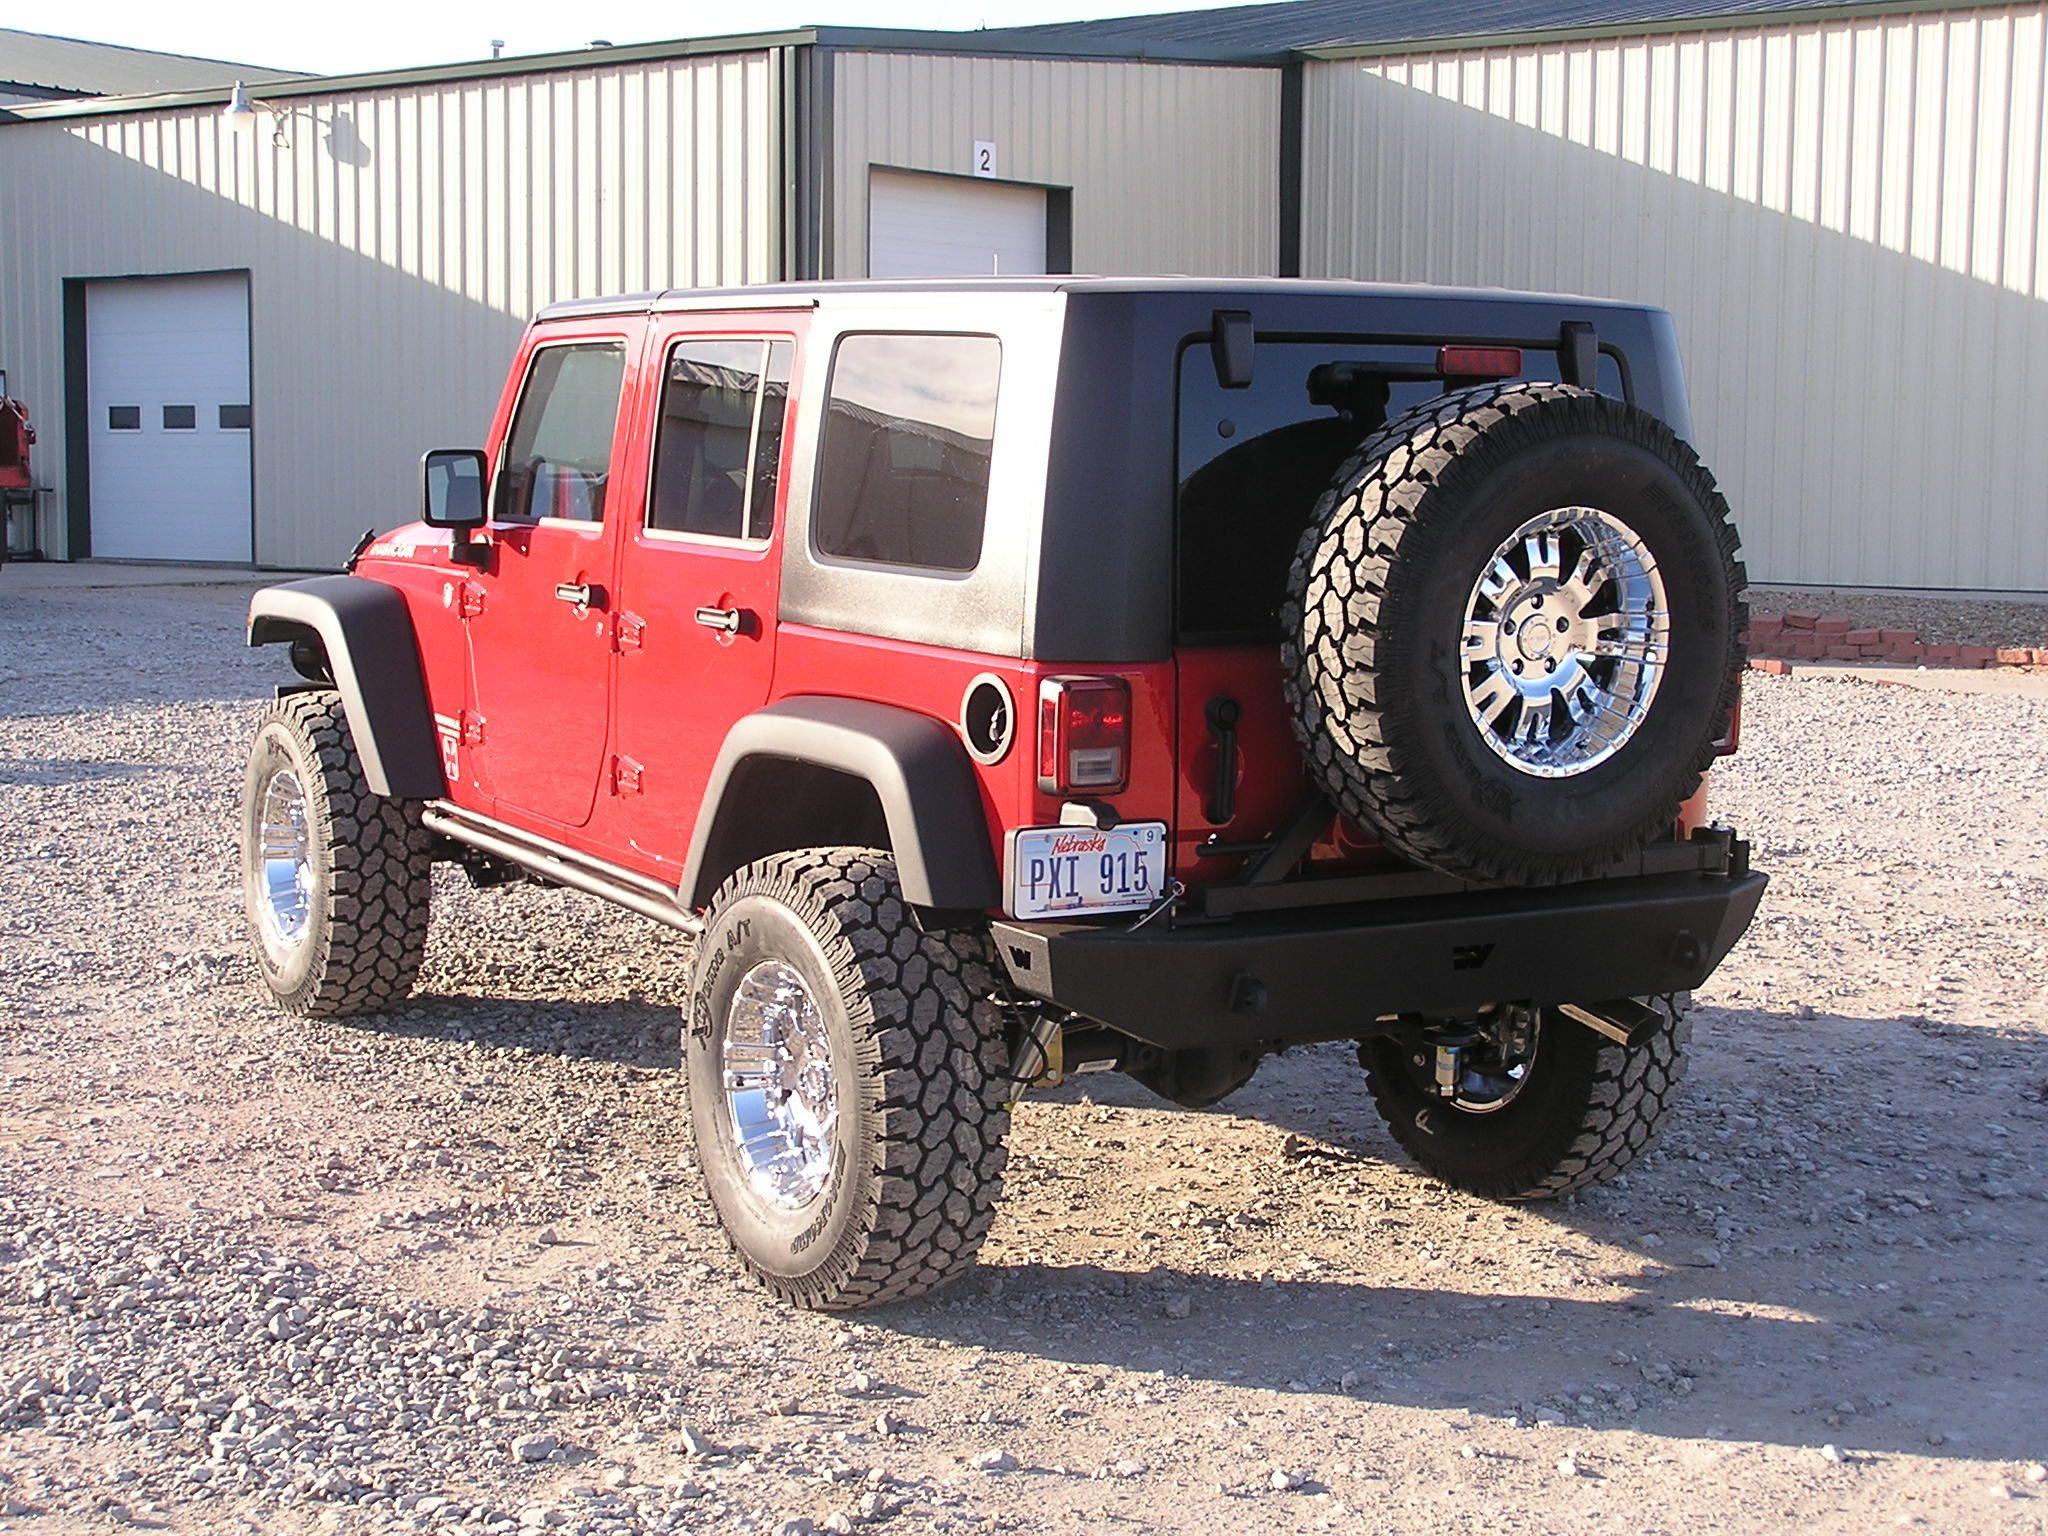 Vinyl graphics on a 4door jeep wrangler jeep wrangler rubicon 4 door pro